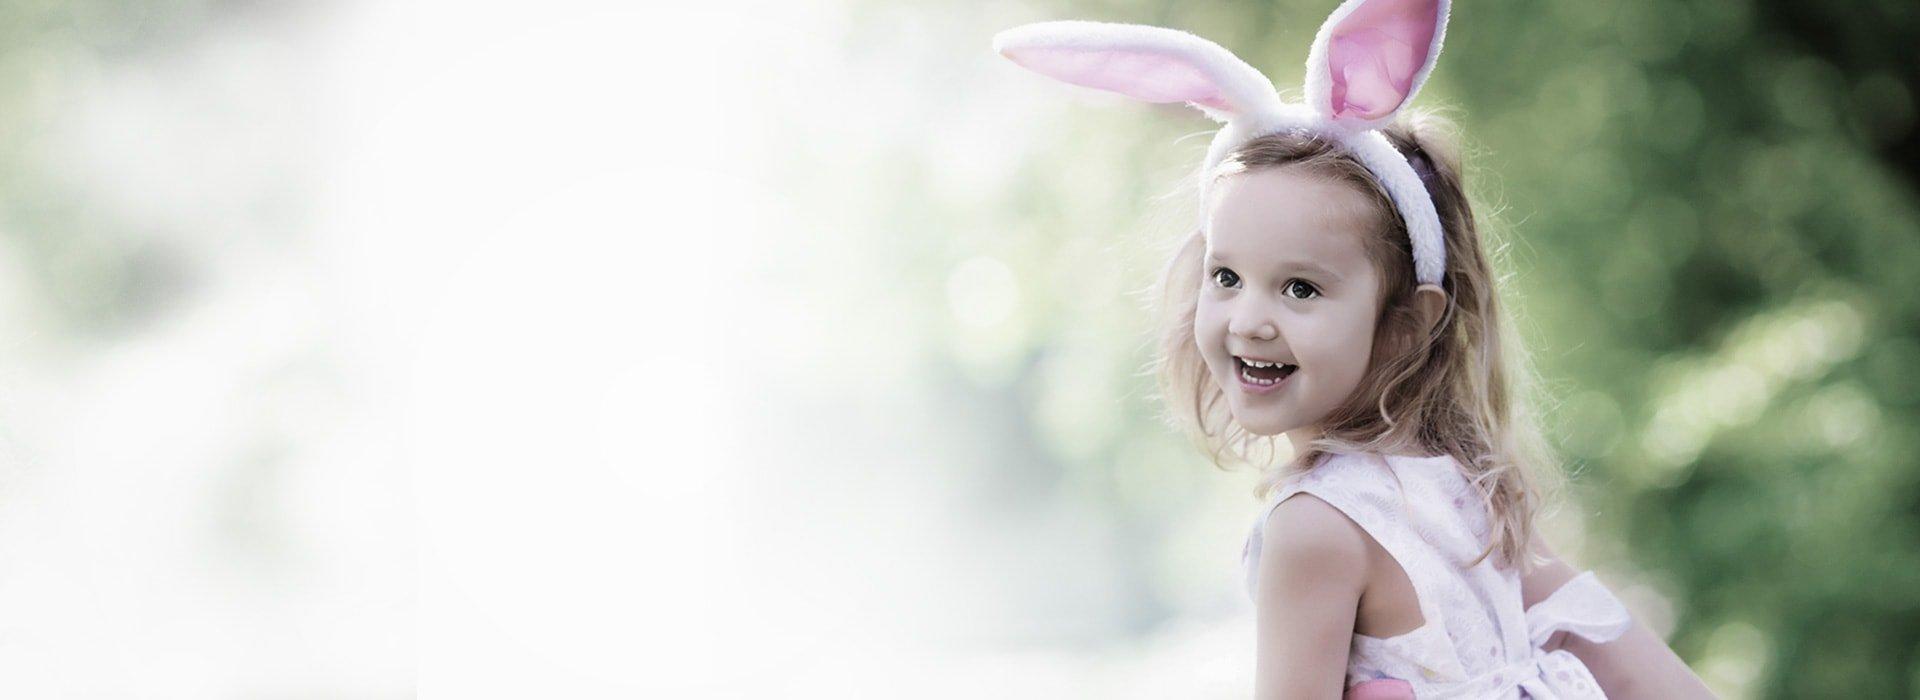 congenital-hearing-loss